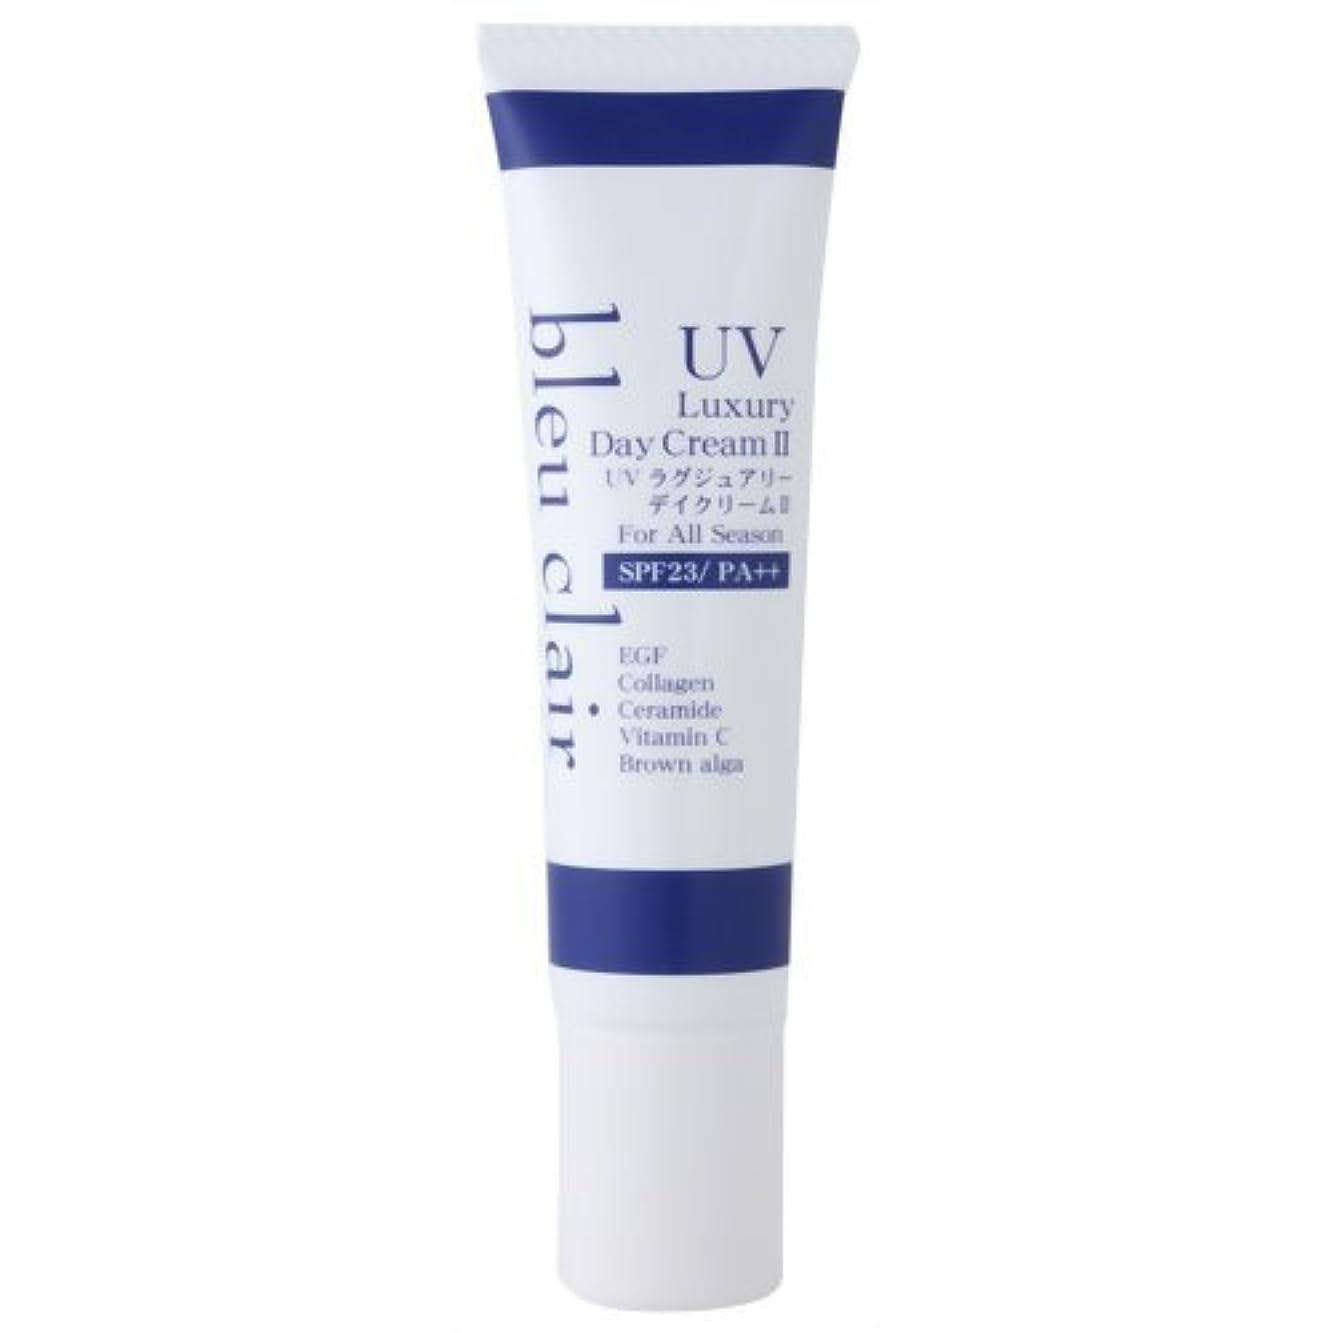 汚れた規則性寸法ブルークレール UVラグジュアリーデイクリームII SPF23/PA++ 35g